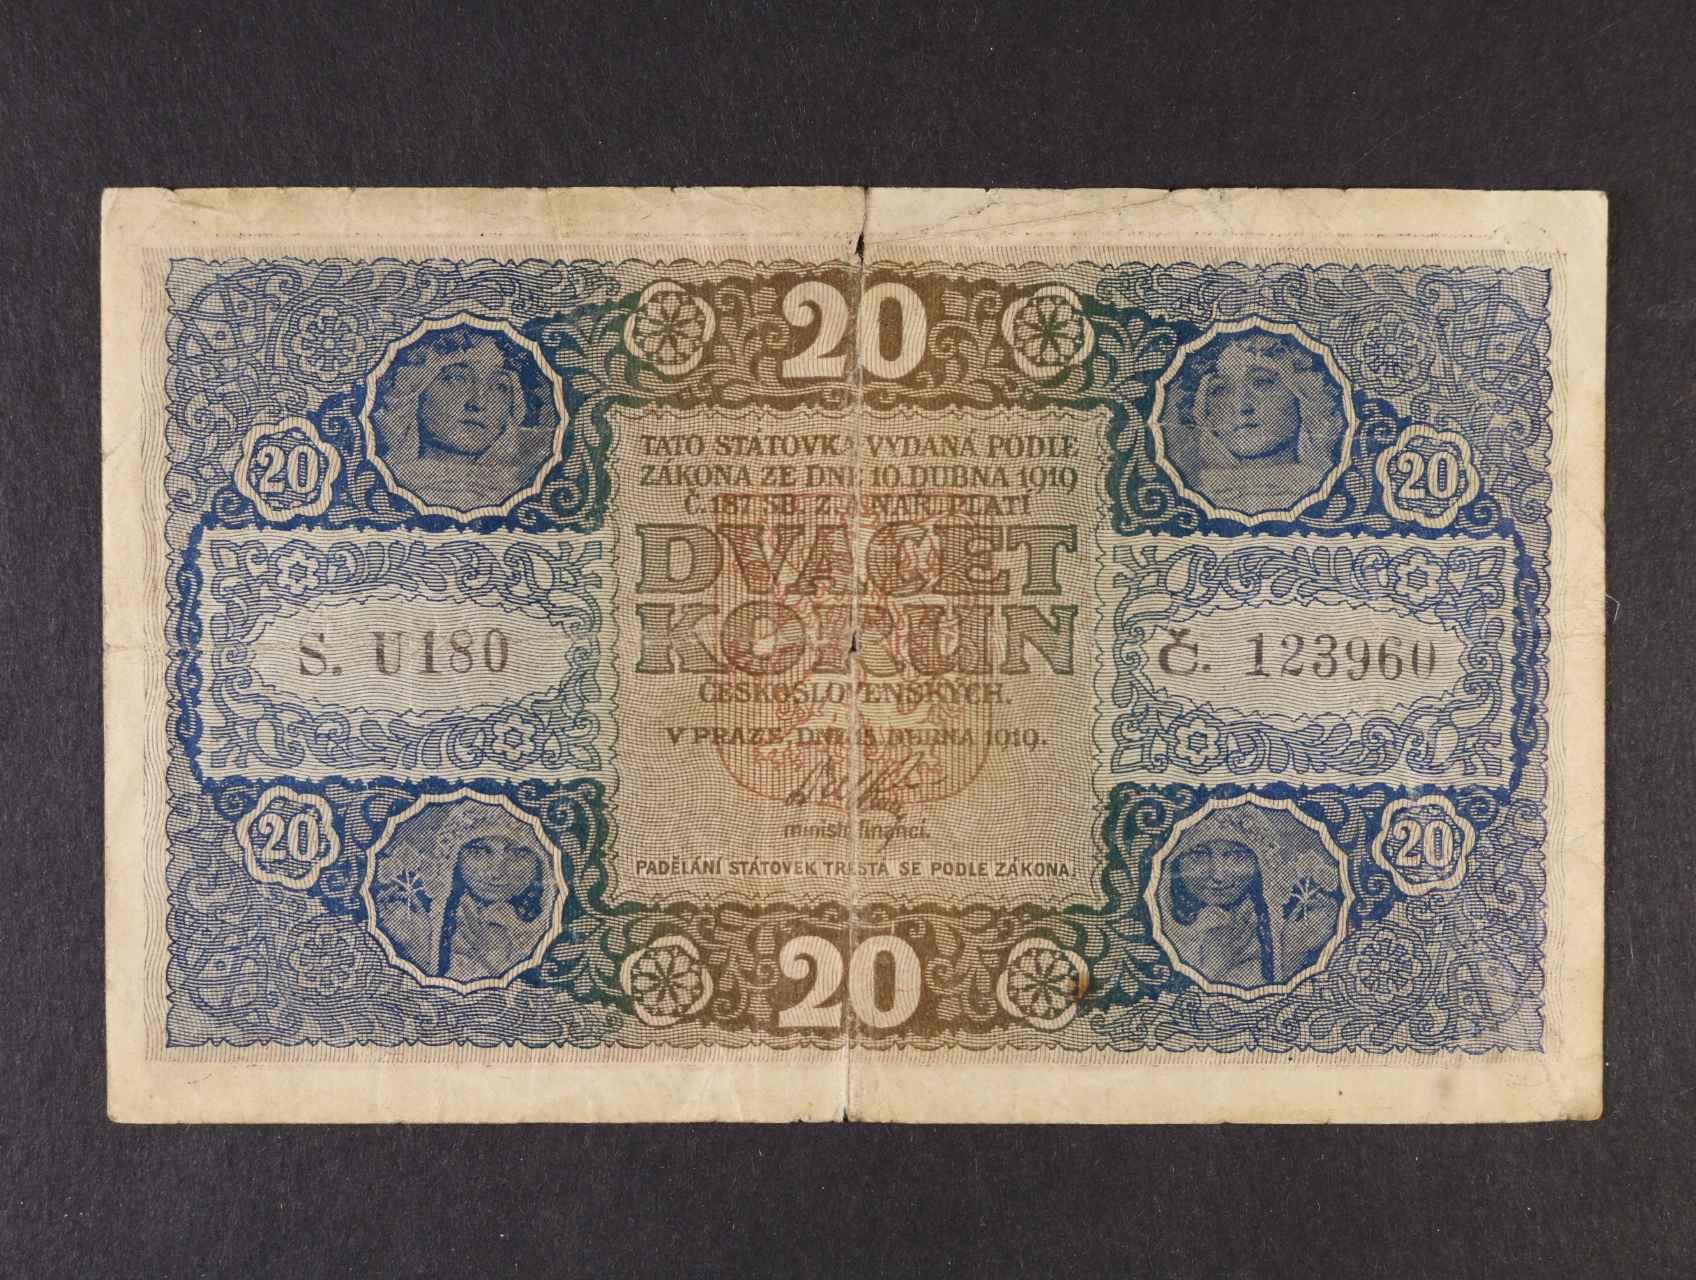 20 Kč 15.4.1919 série U 180,  Ba. 10b, Pi. 9a